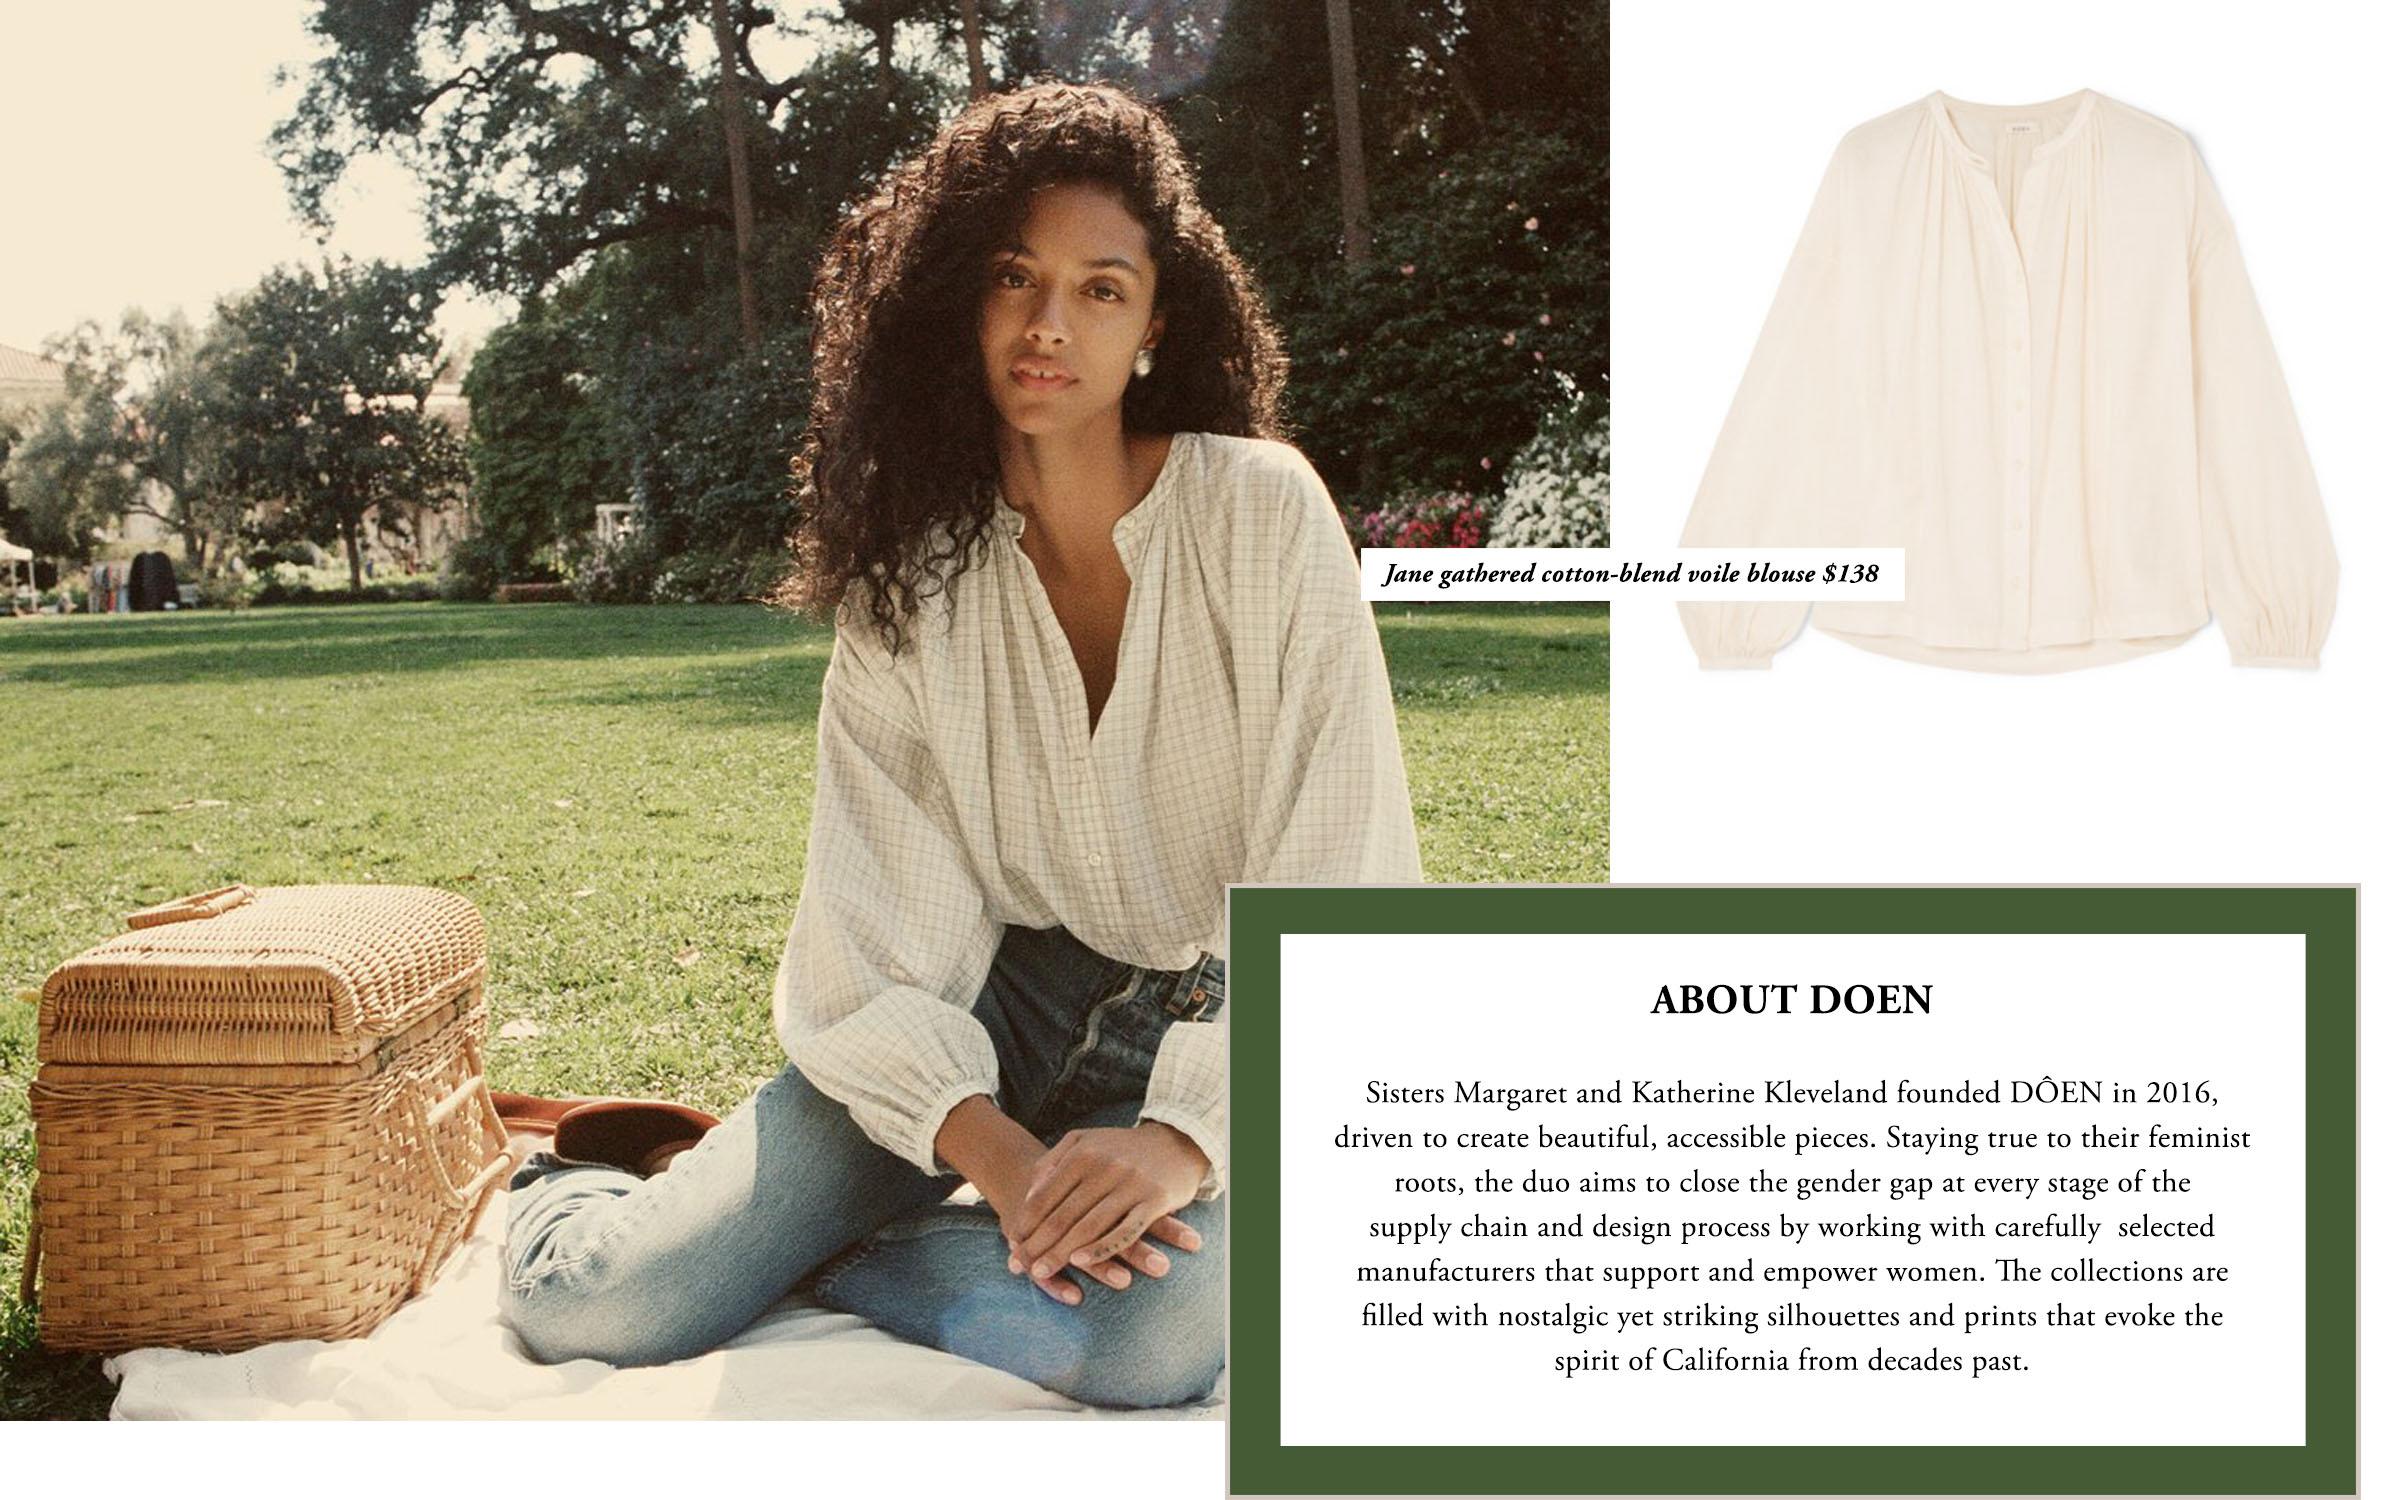 doen-jane-blouse-.jpg